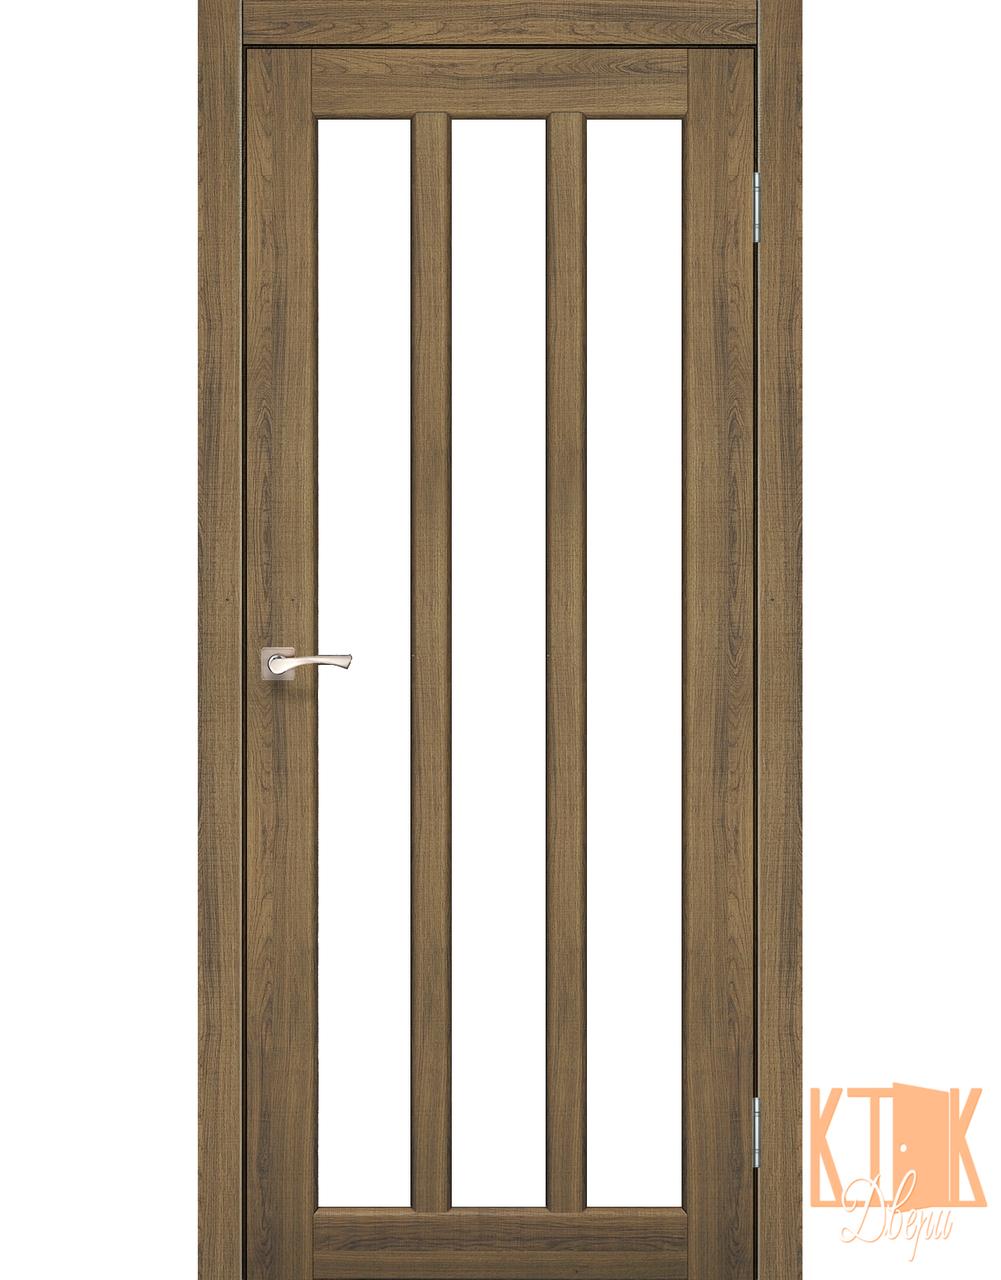 """Міжкімнатні двері колекції """"Napoli"""" NP-02 зі склом сатин (дуб браш)"""